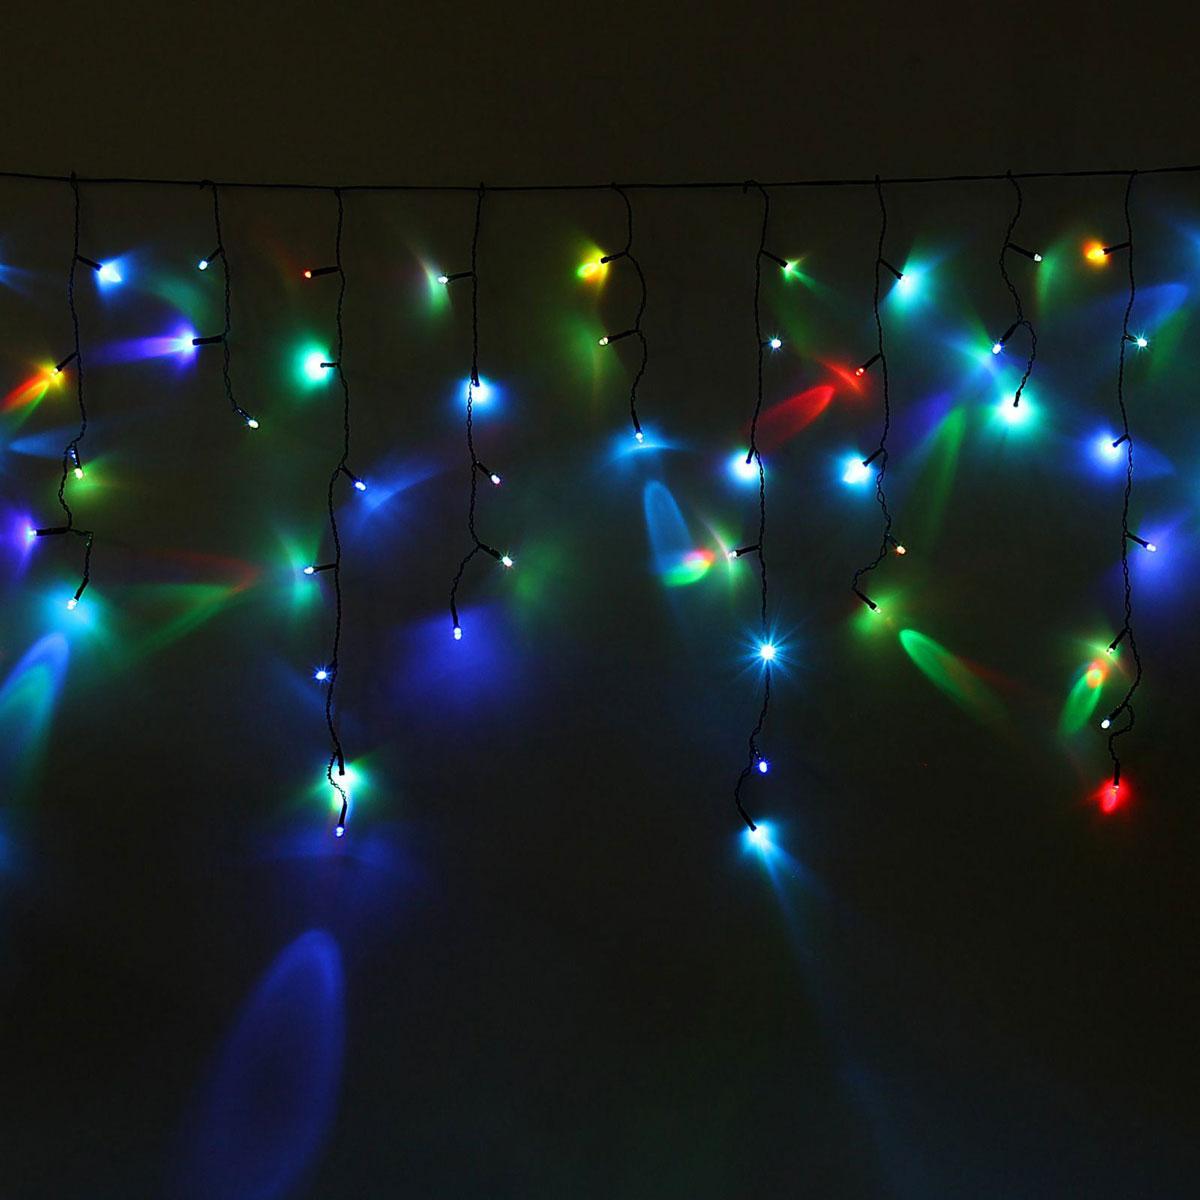 Гирлянда светодиодная Luazon Бахрома, моргает, 60 ламп, 220 V, цвет: мультиколор, 1,2 х 0,6 м. 1080411187288Светодиодные гирлянды, ленты и т.д — это отличный вариант для новогоднего оформления интерьера или фасада. С их помощью помещение любого размера можно превратить в праздничный зал, а внешние элементы зданий, украшенные ими, мгновенно станут напоминать очертания сказочного дворца. Такие украшения создают ауру предвкушения чуда. Деревья, фасады, витрины, окна и арки будто специально созданы, чтобы вы украсили их светящимися нитями.